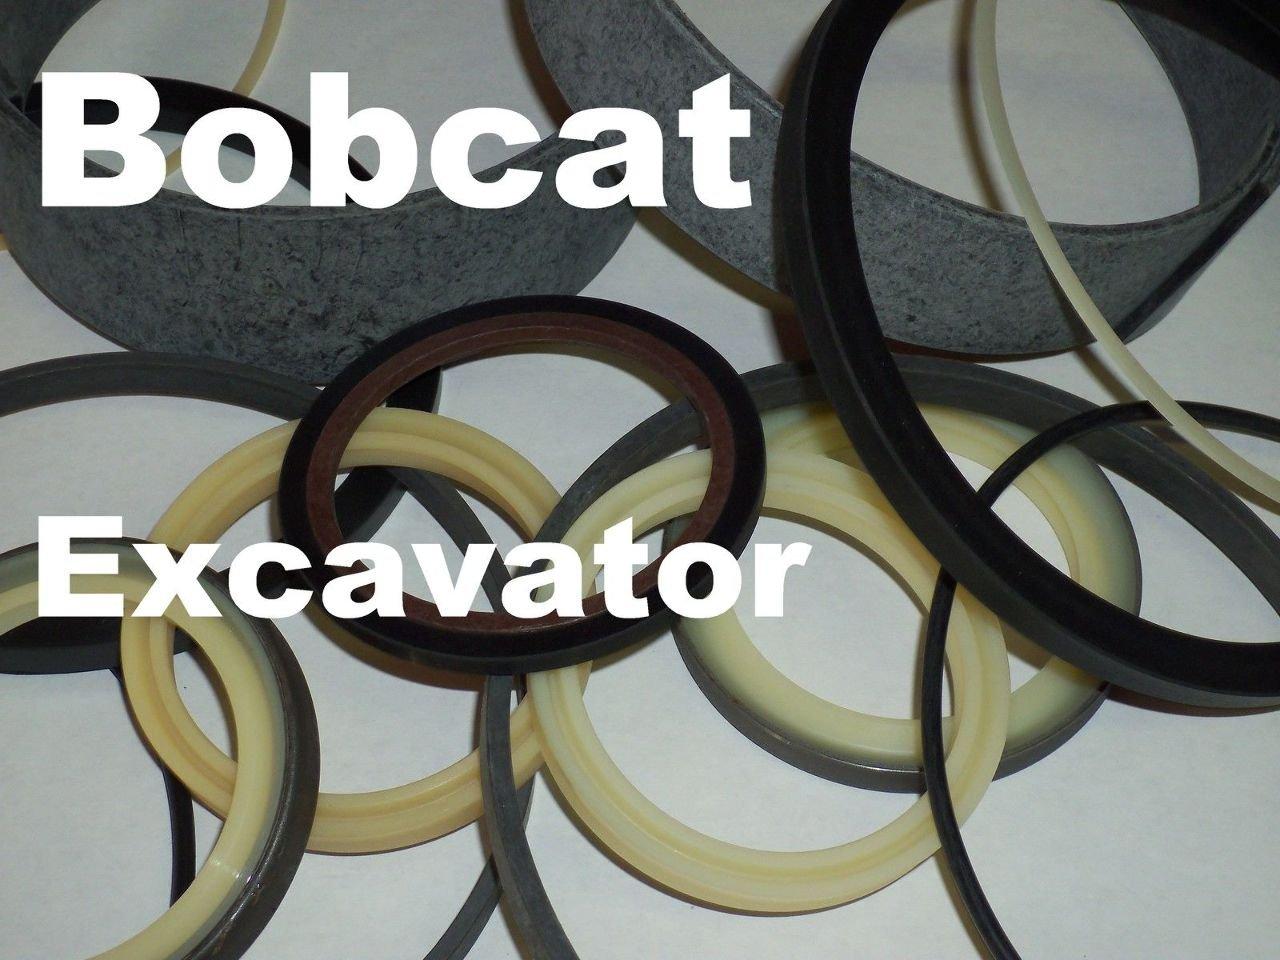 7162060 Boom Cylinder Seal Kit Fits Bobcat 331 331E 334